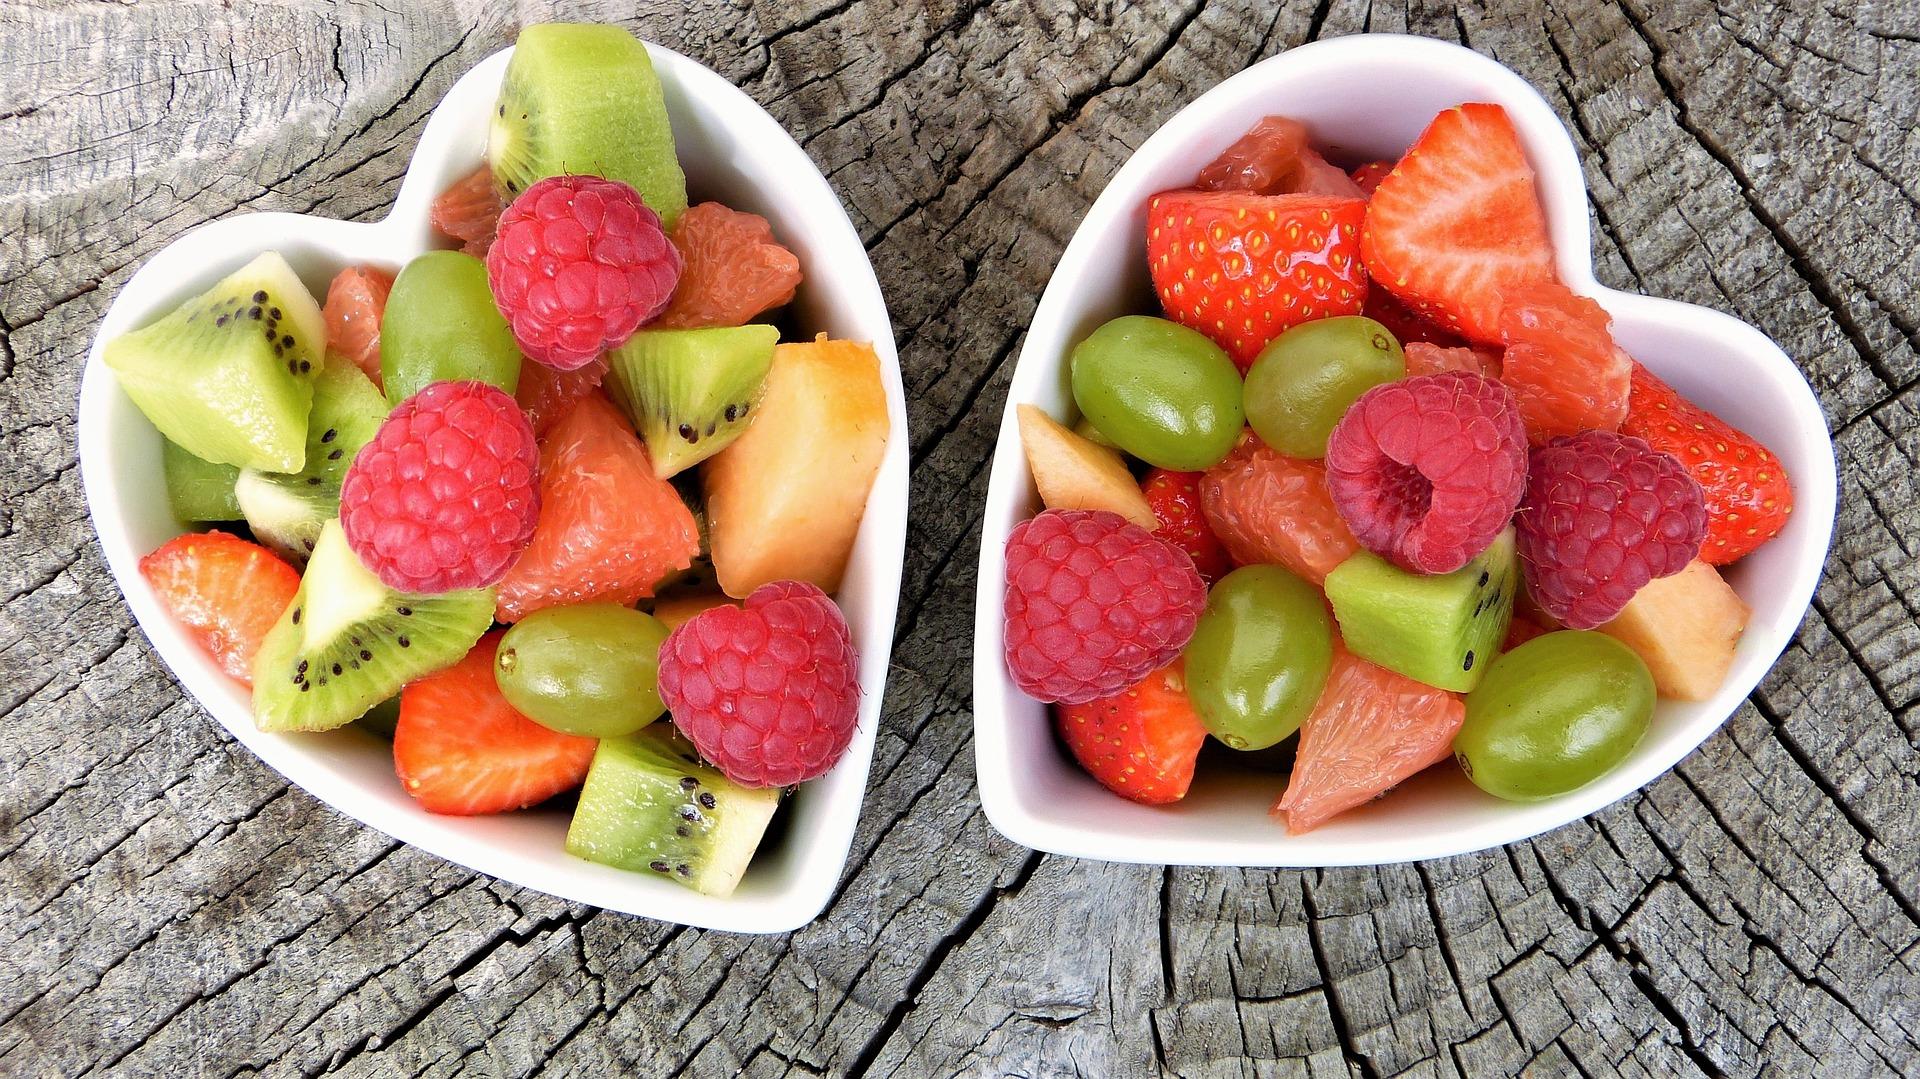 dieta intolleranza al lattosio e fruttosione